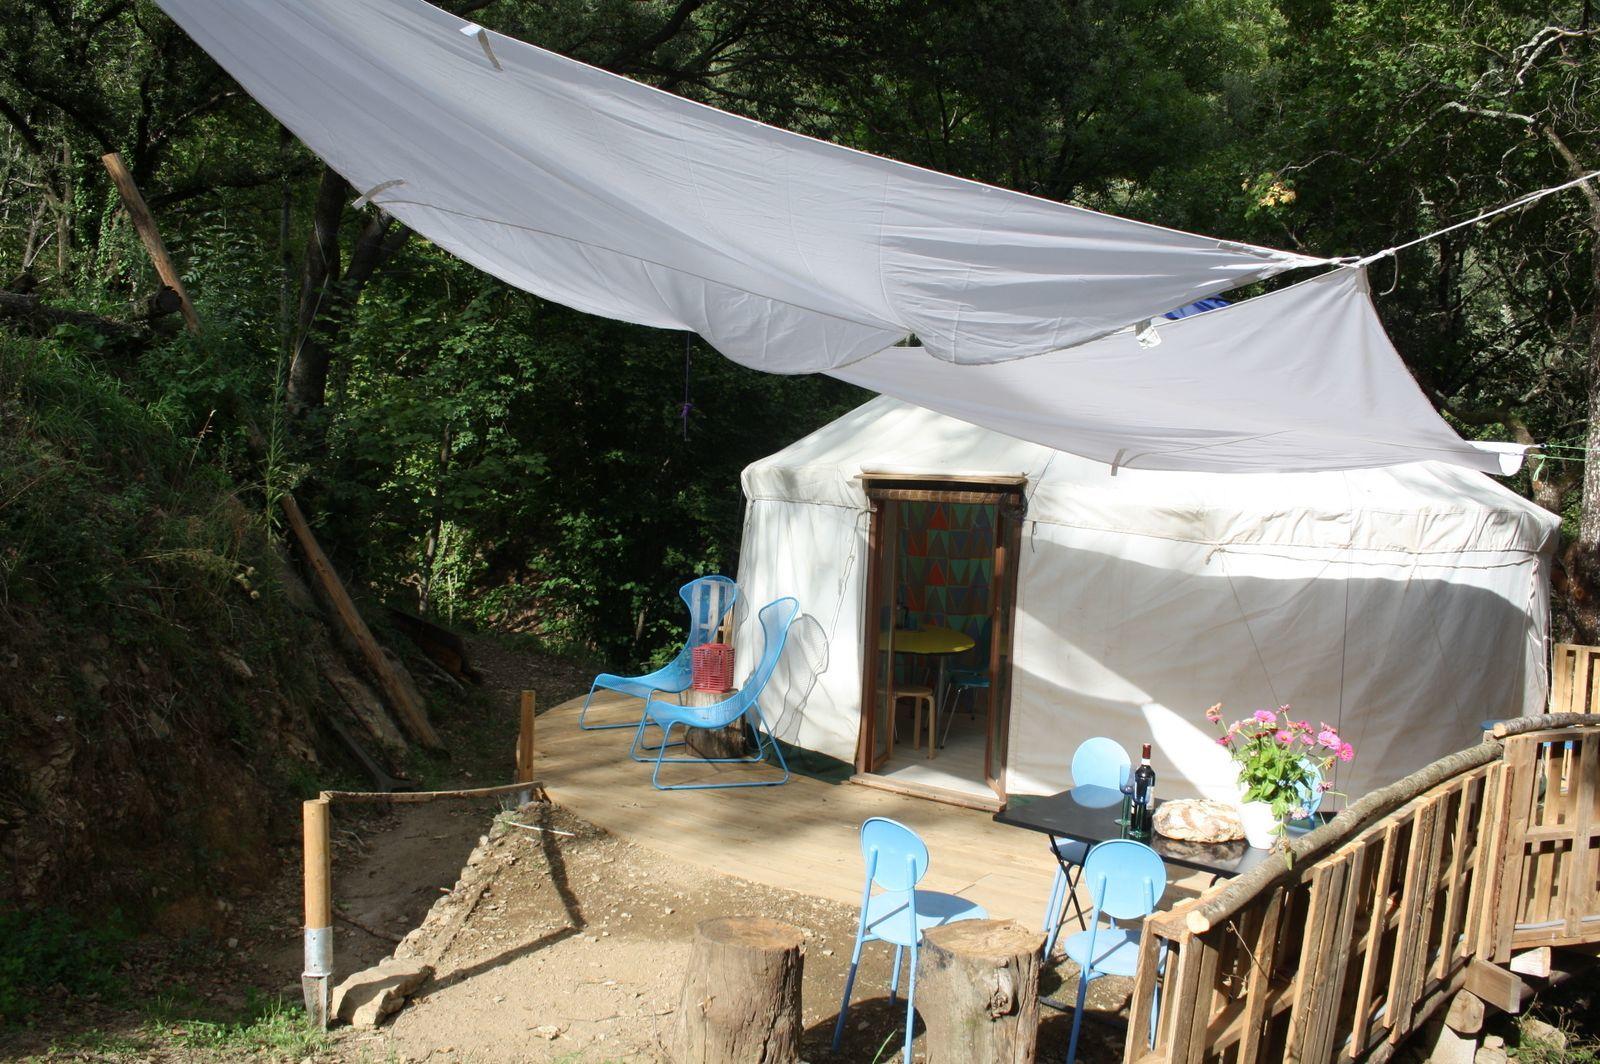 Cevenolse Mas Yurt - natuurvakantie in Frankrijk